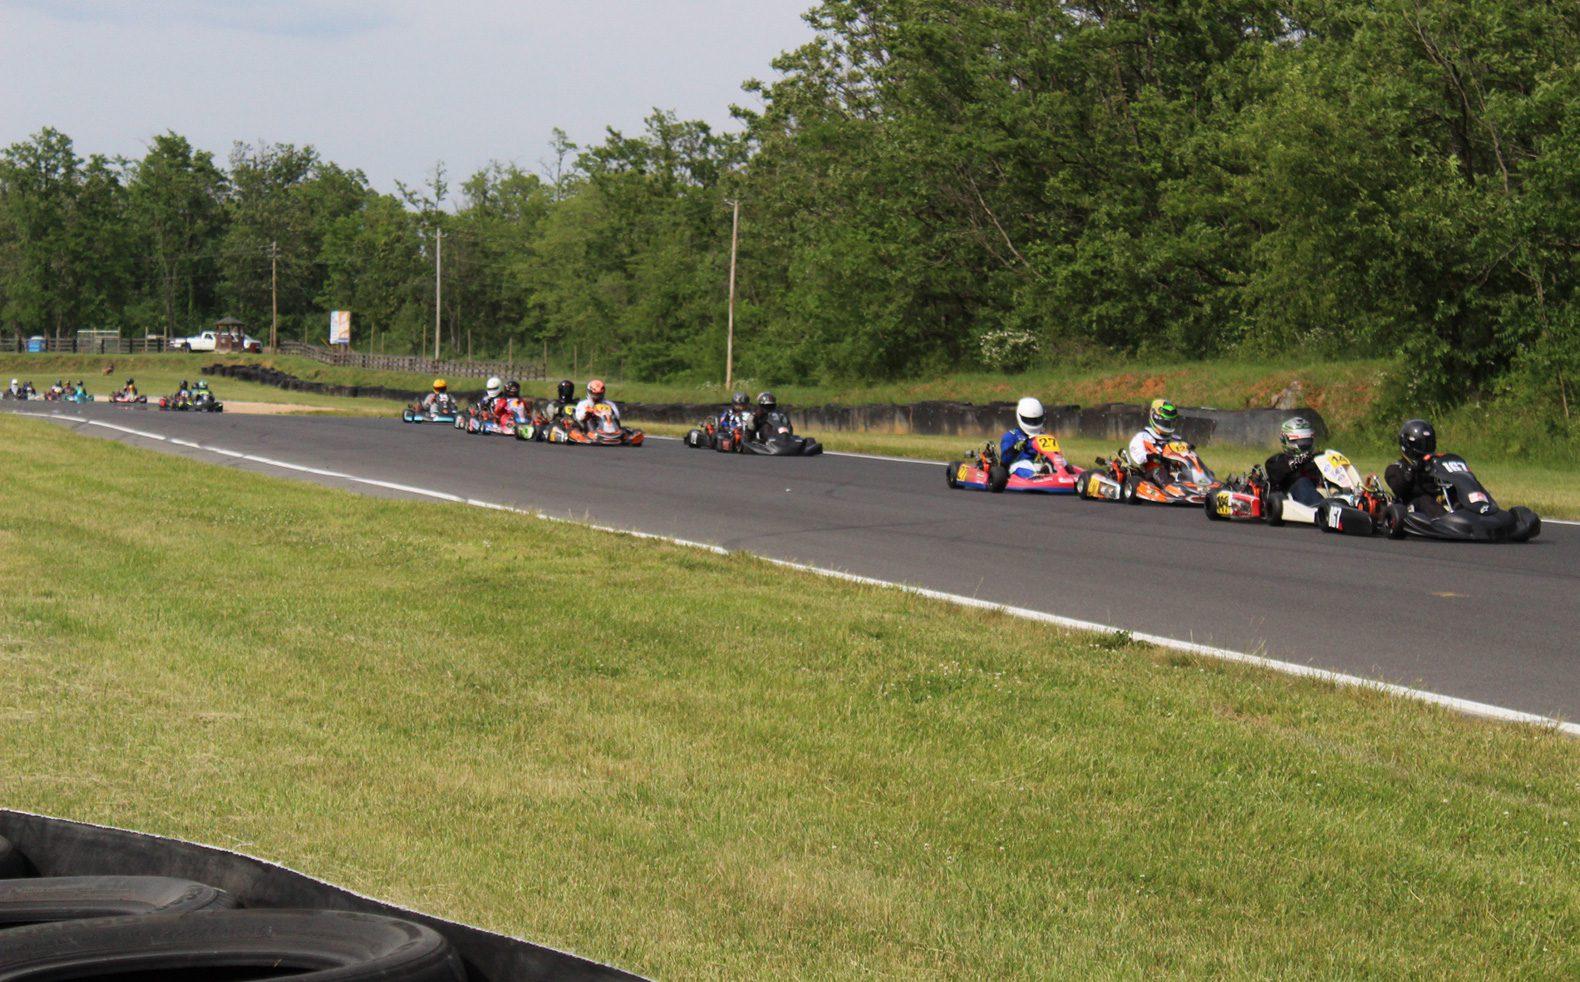 CIK LO206 Senior racing Sunday, May 23 at Summit Point